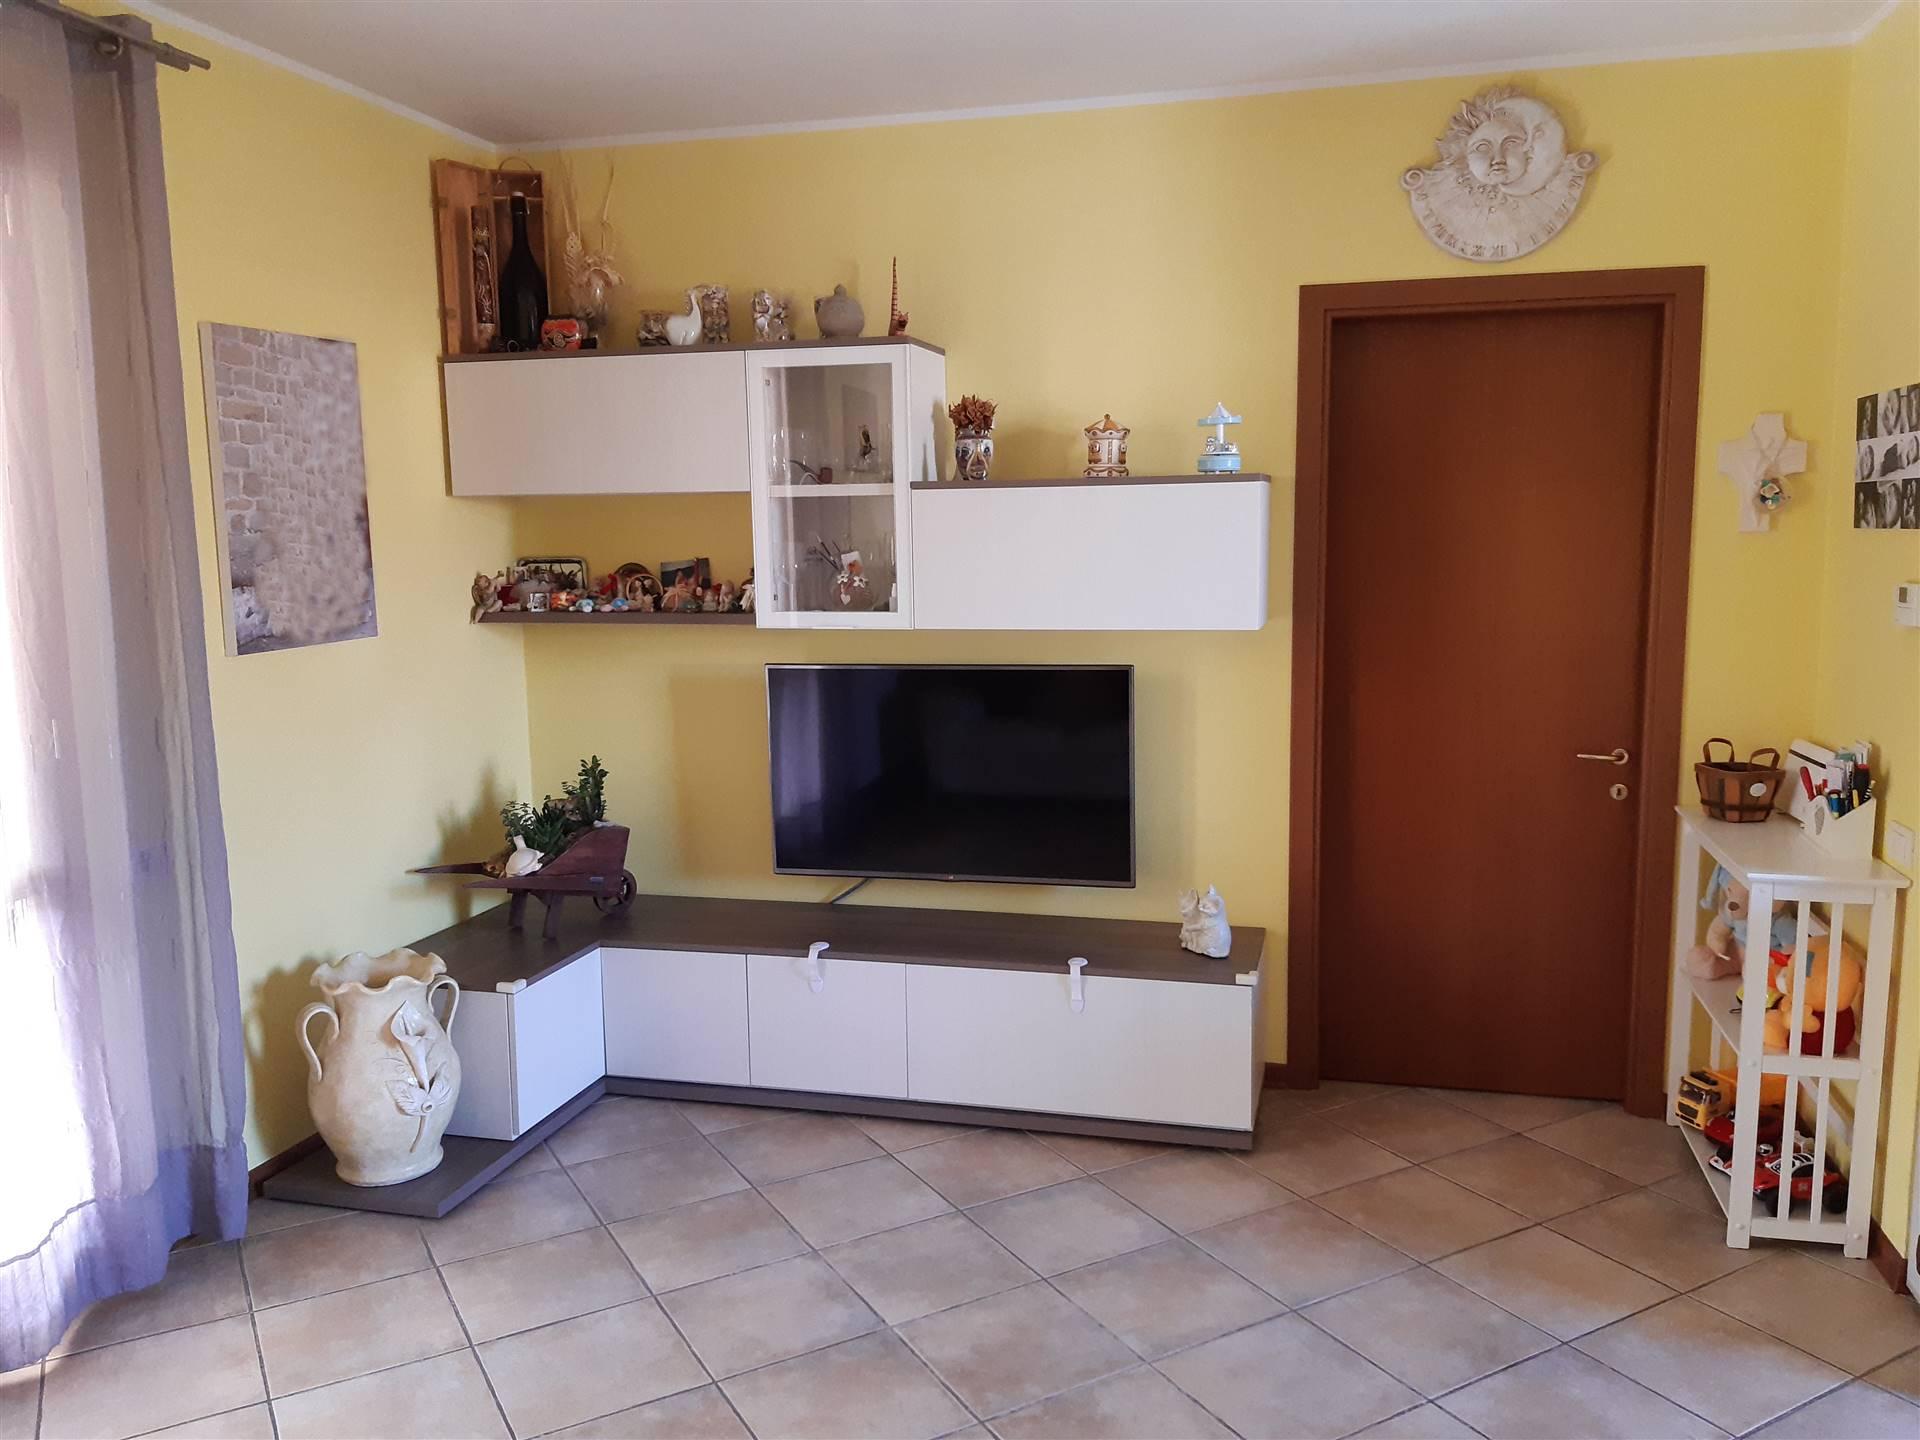 Appartamento in vendita a Prato, 4 locali, zona no, prezzo € 260.000   PortaleAgenzieImmobiliari.it